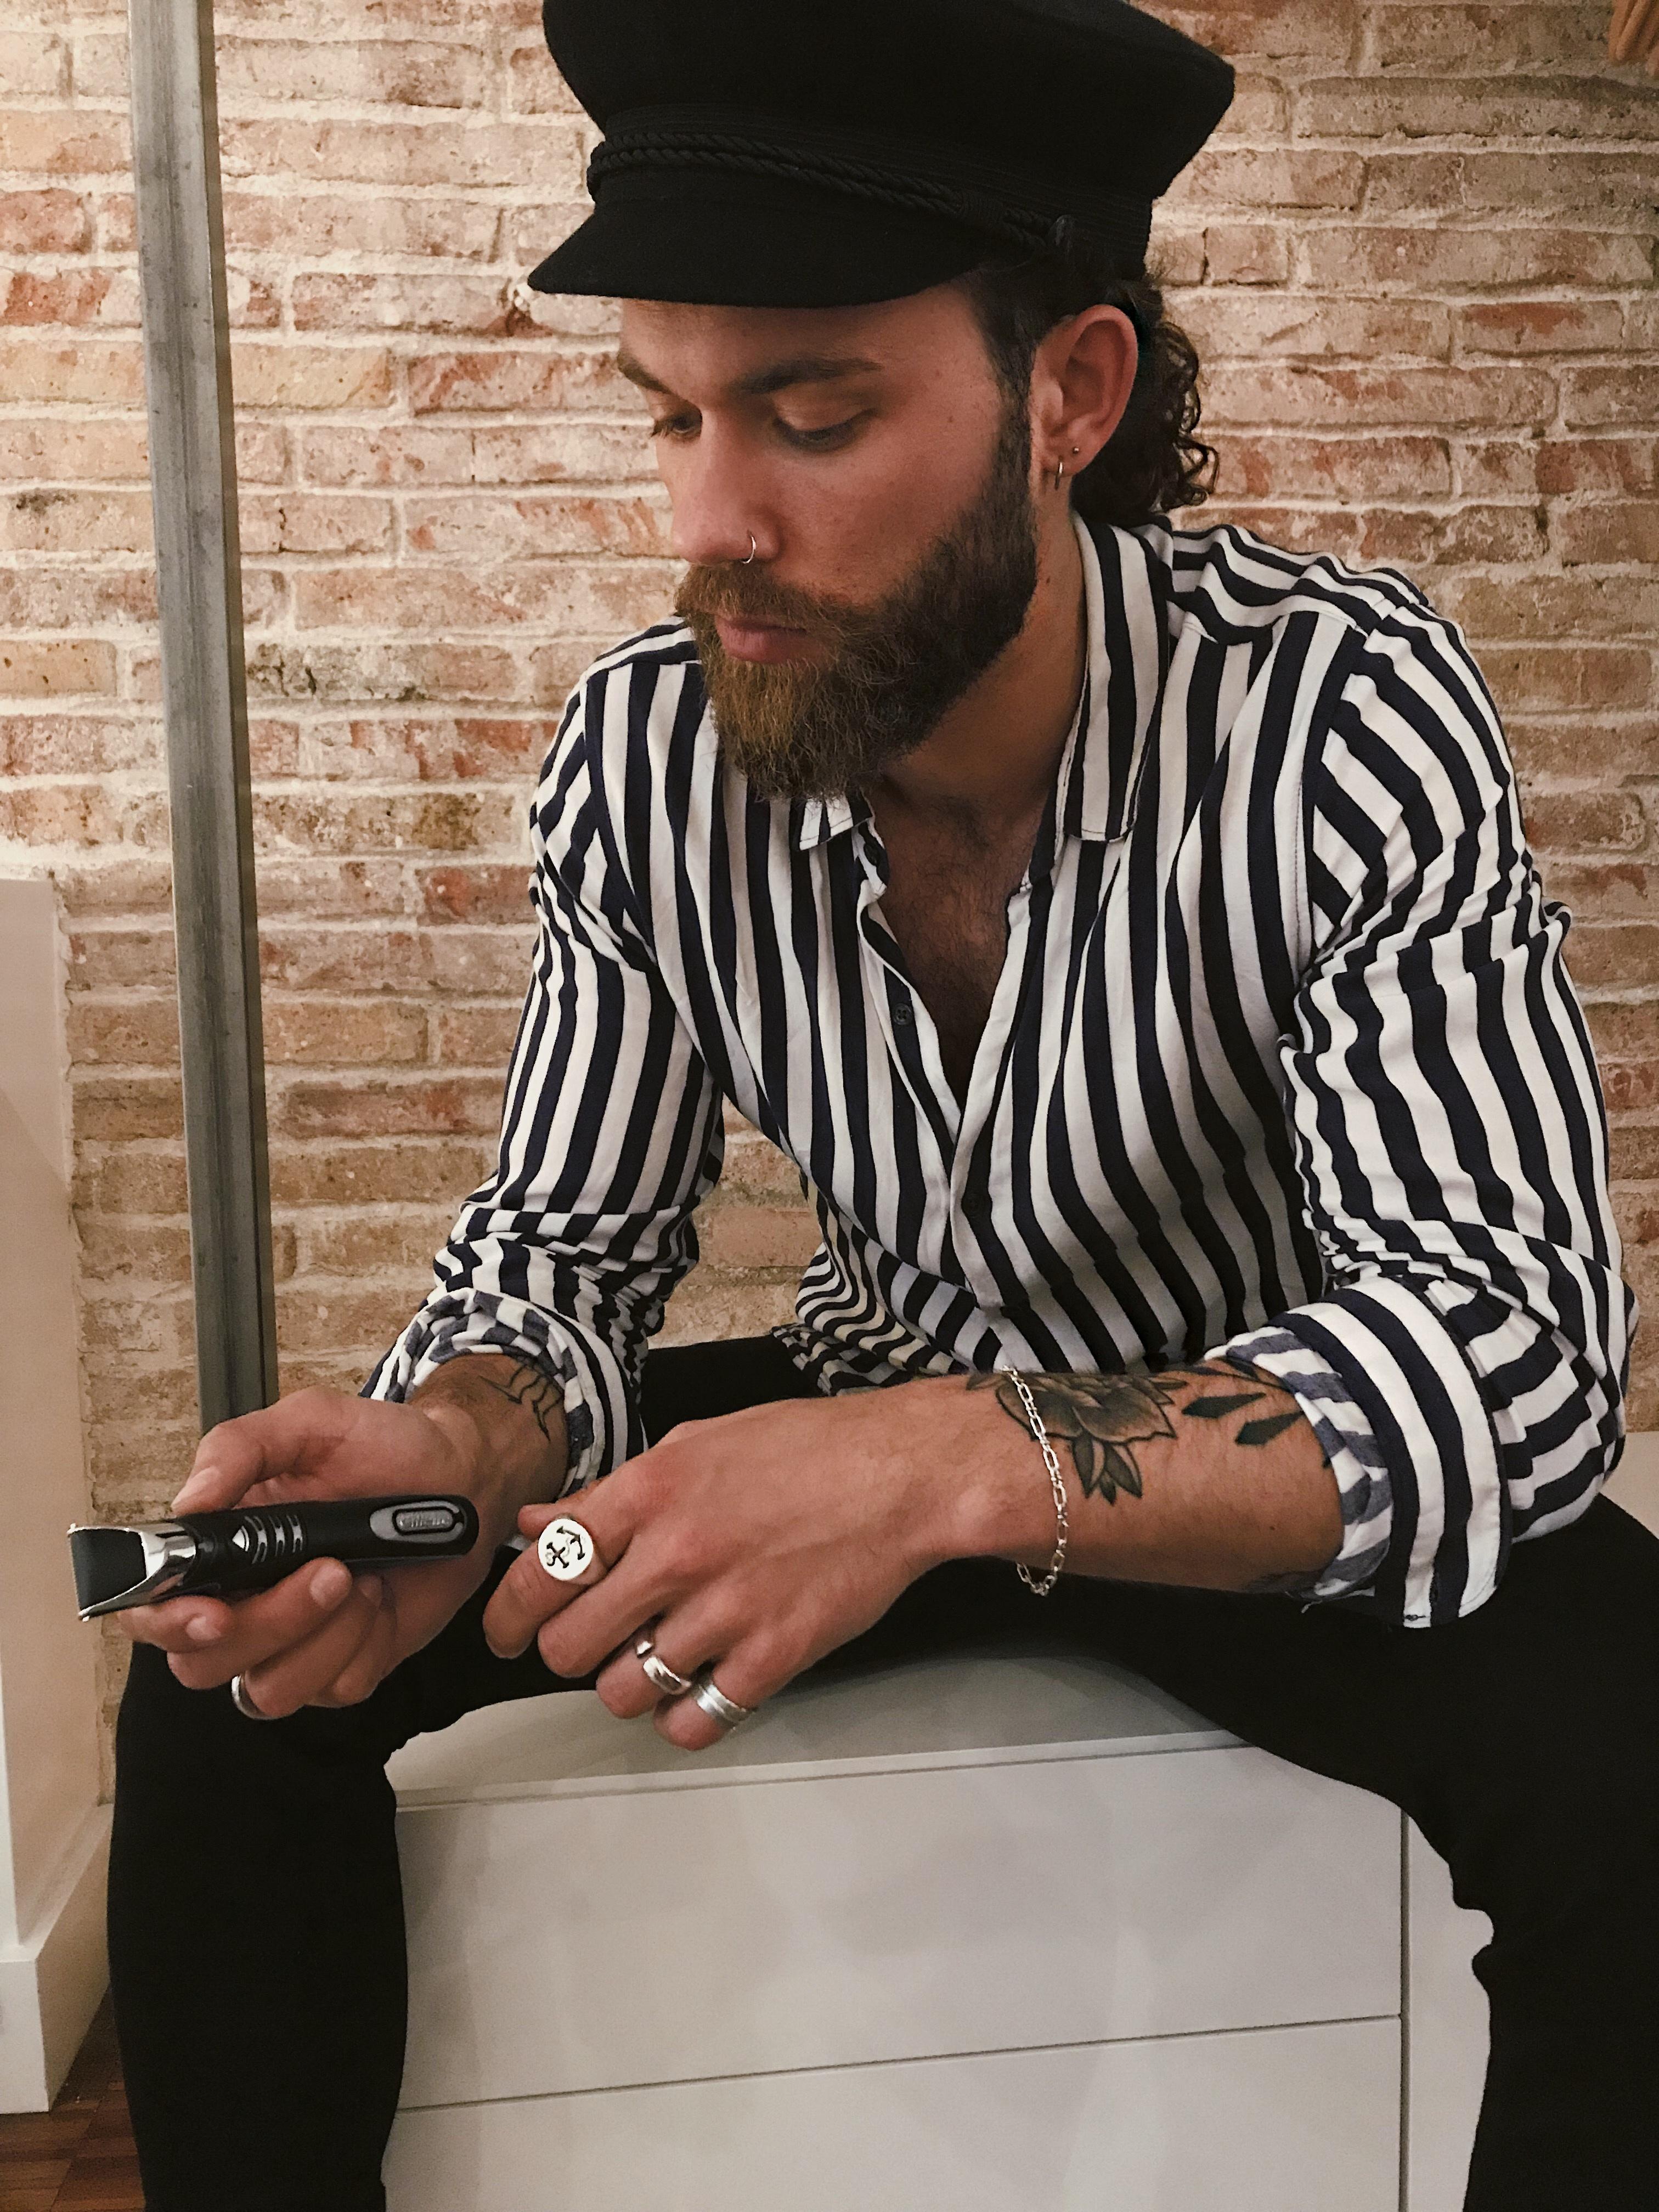 Bartwachstum , Bart wachsen lassen, Bart stutzen, Bartprodukte, Bartpflege